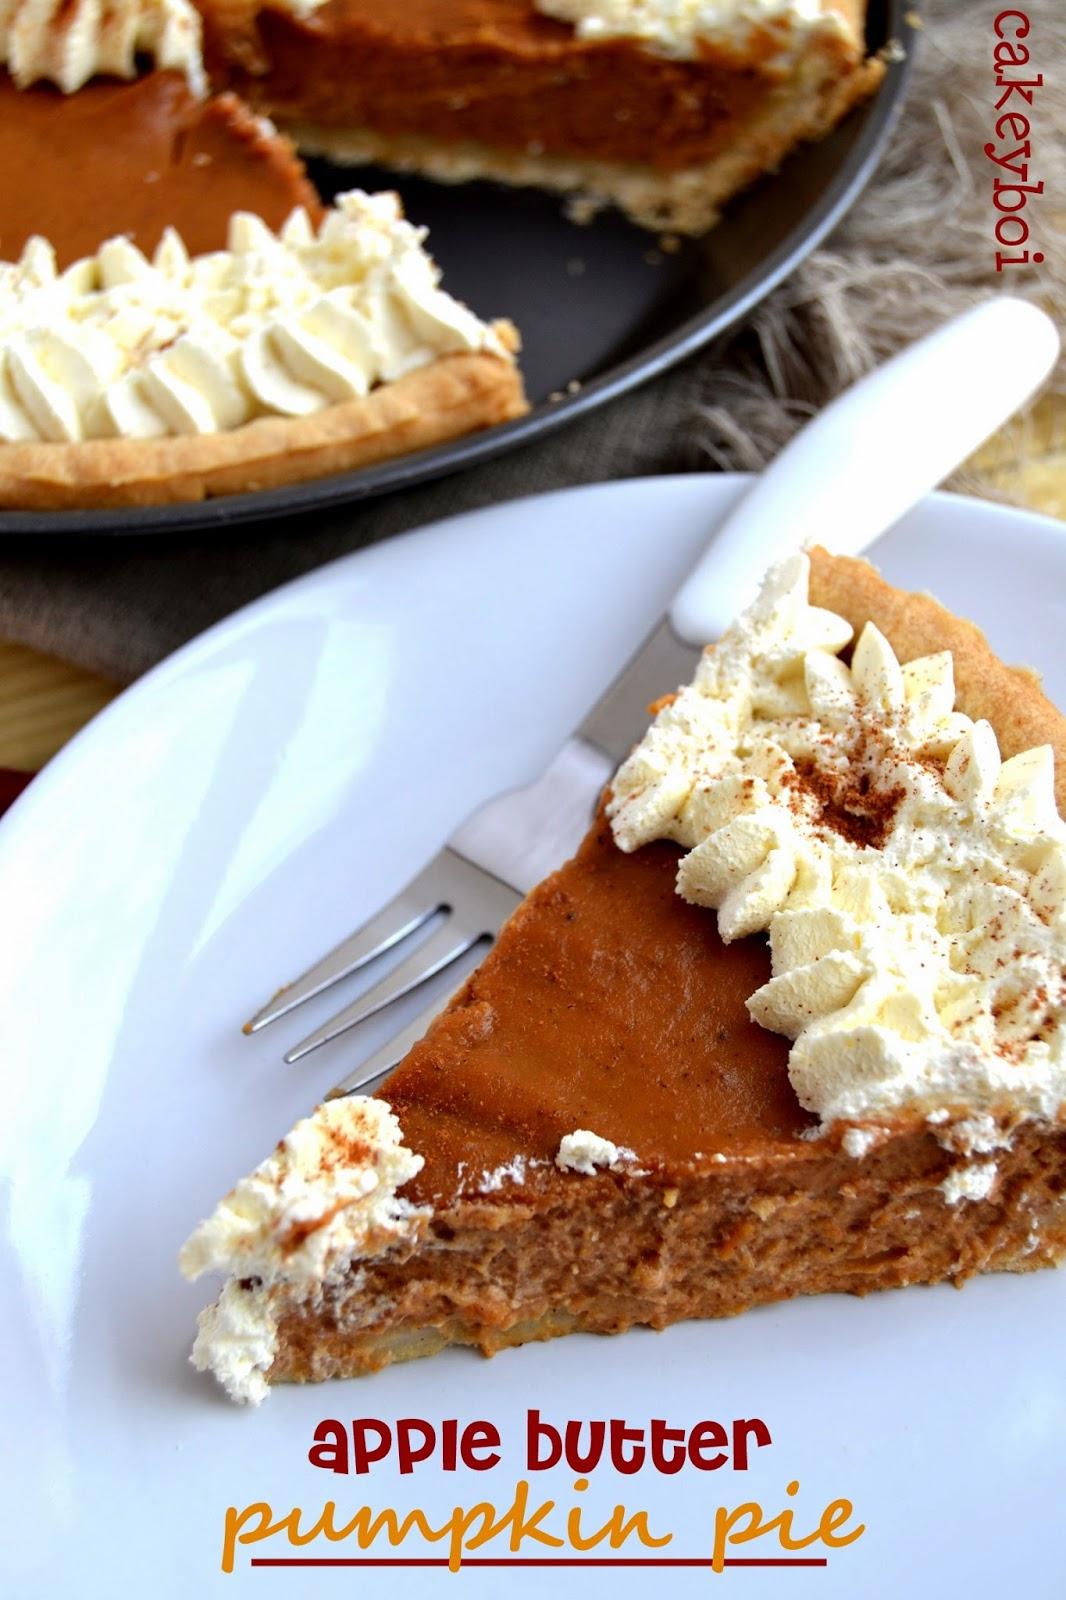 Apple Butter Pumpkin Pie photo